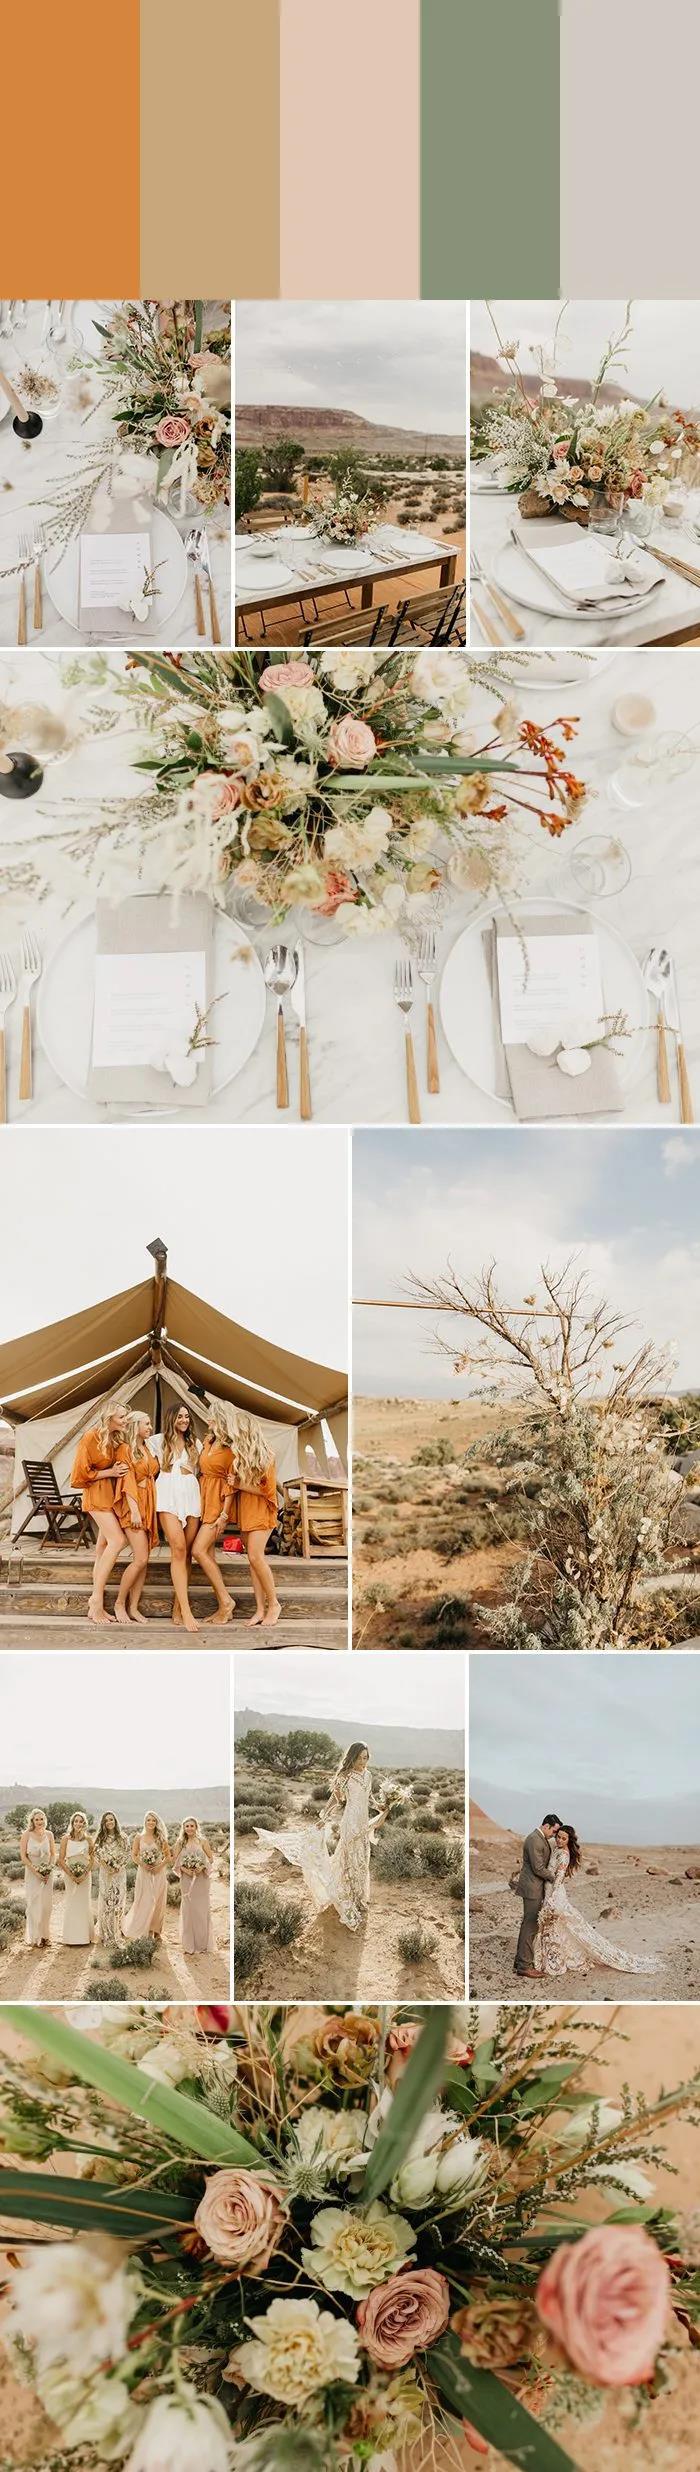 7种沙漠婚礼配色指南,找到适合你的沙漠风情!  第3张